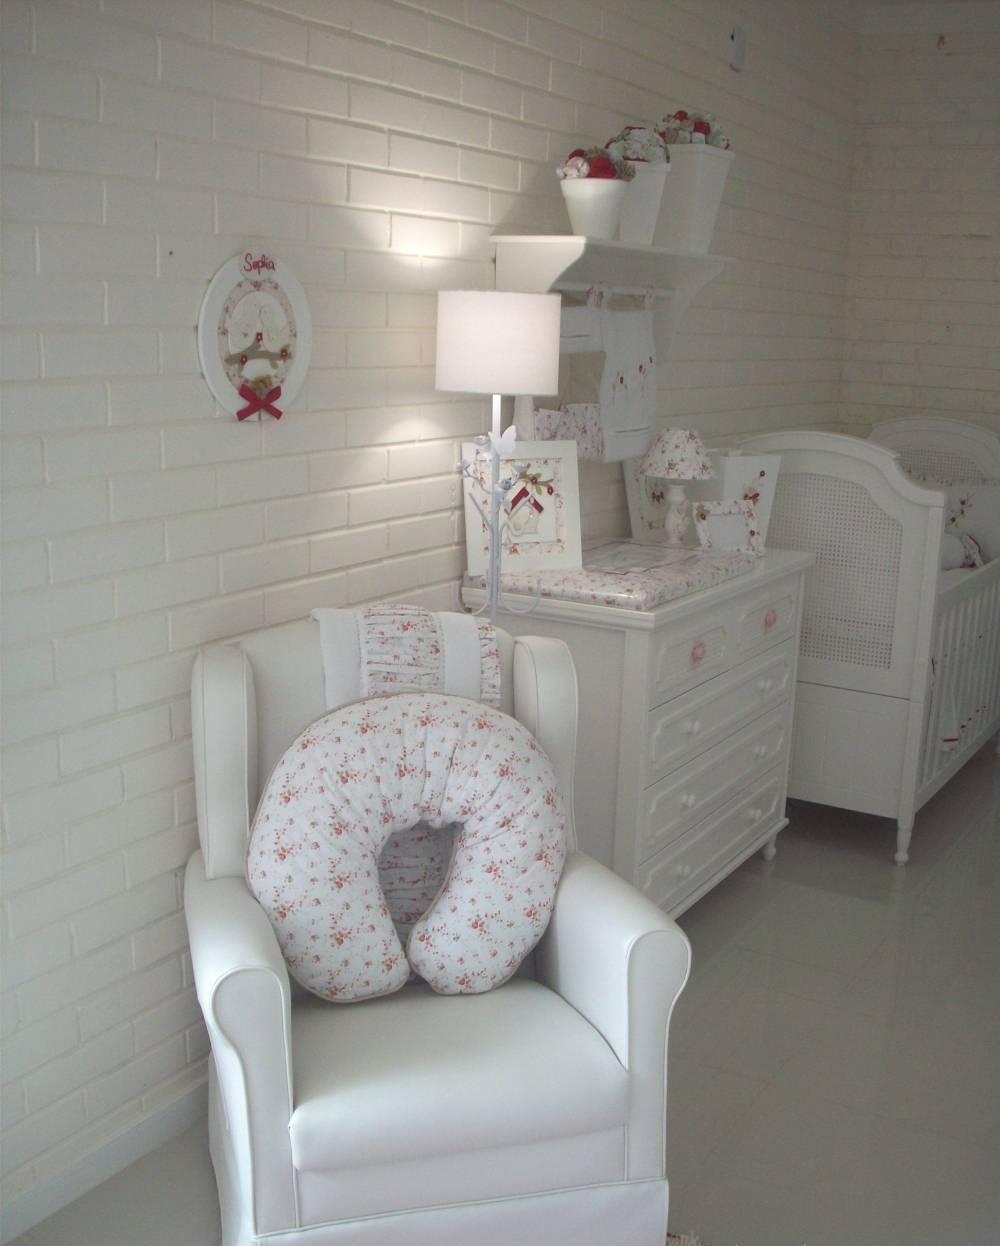 Decoração de Quarto de Bebê em Apartamento Pequeno no M'Boi Mirim - Decoração Quartos de Bebê em SP